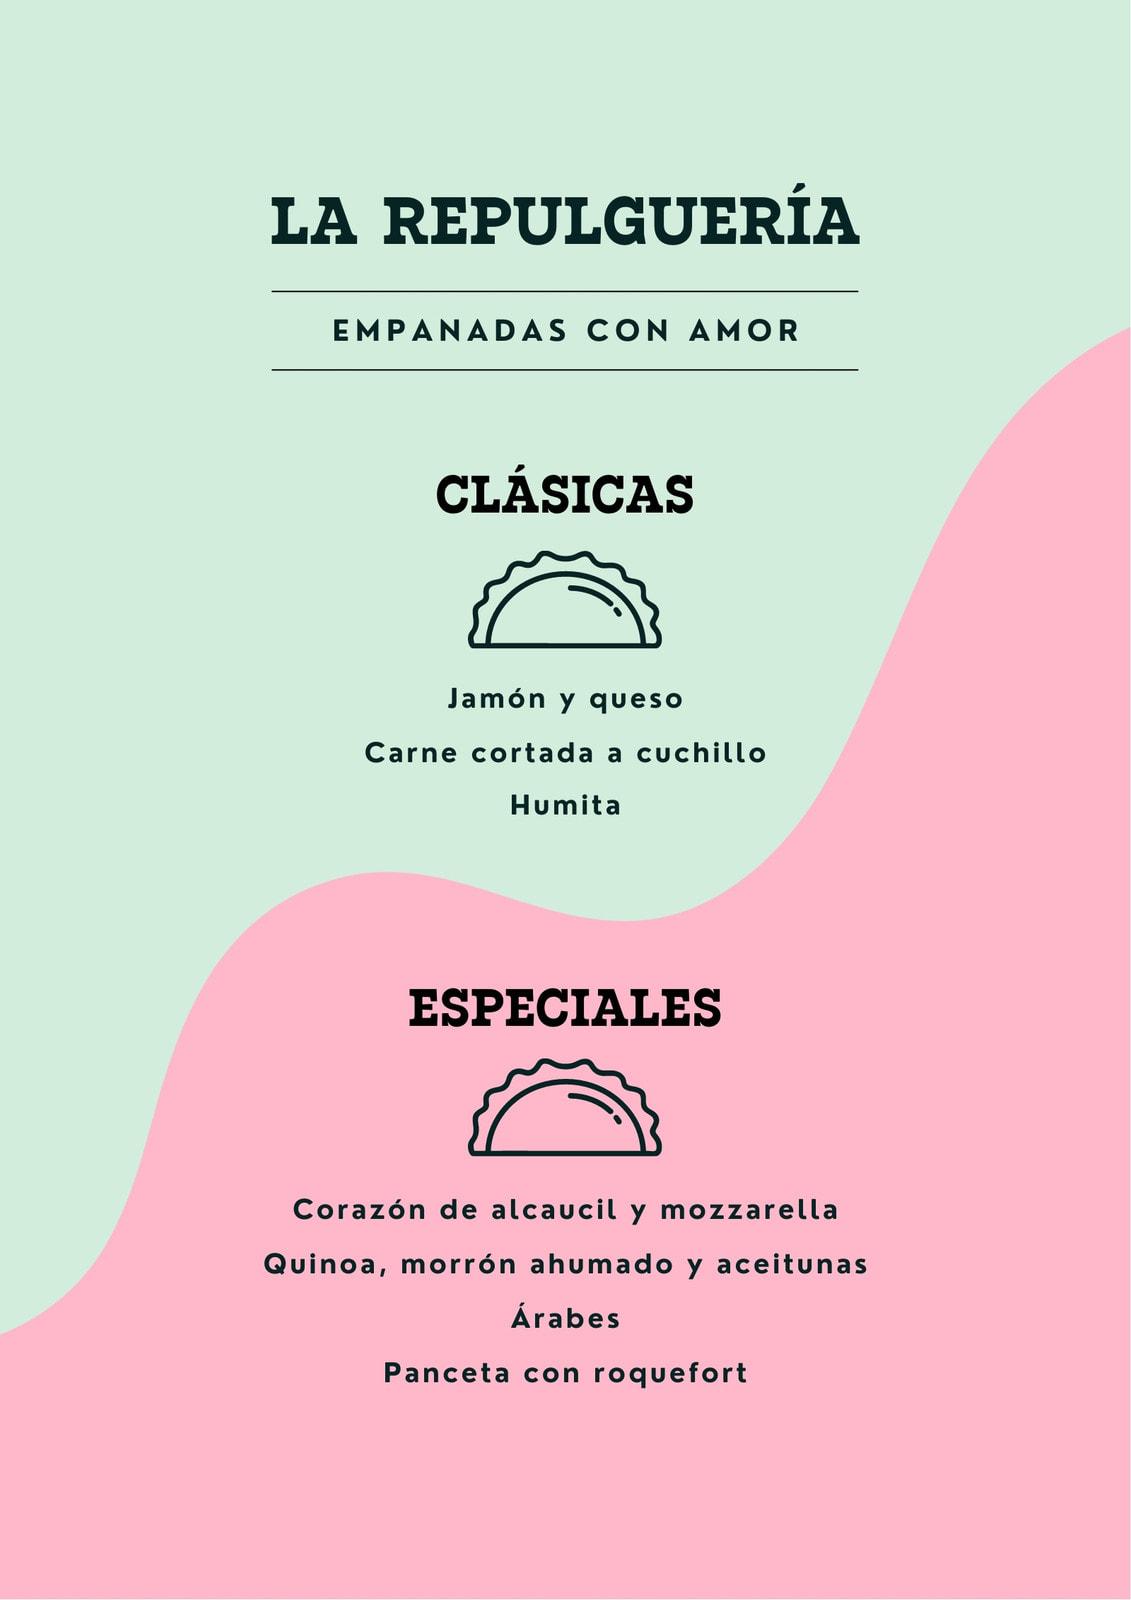 Menú minimalista de lugar de empanadas, color pastel green y rosa pastel e ilustración de empanadas simplificada